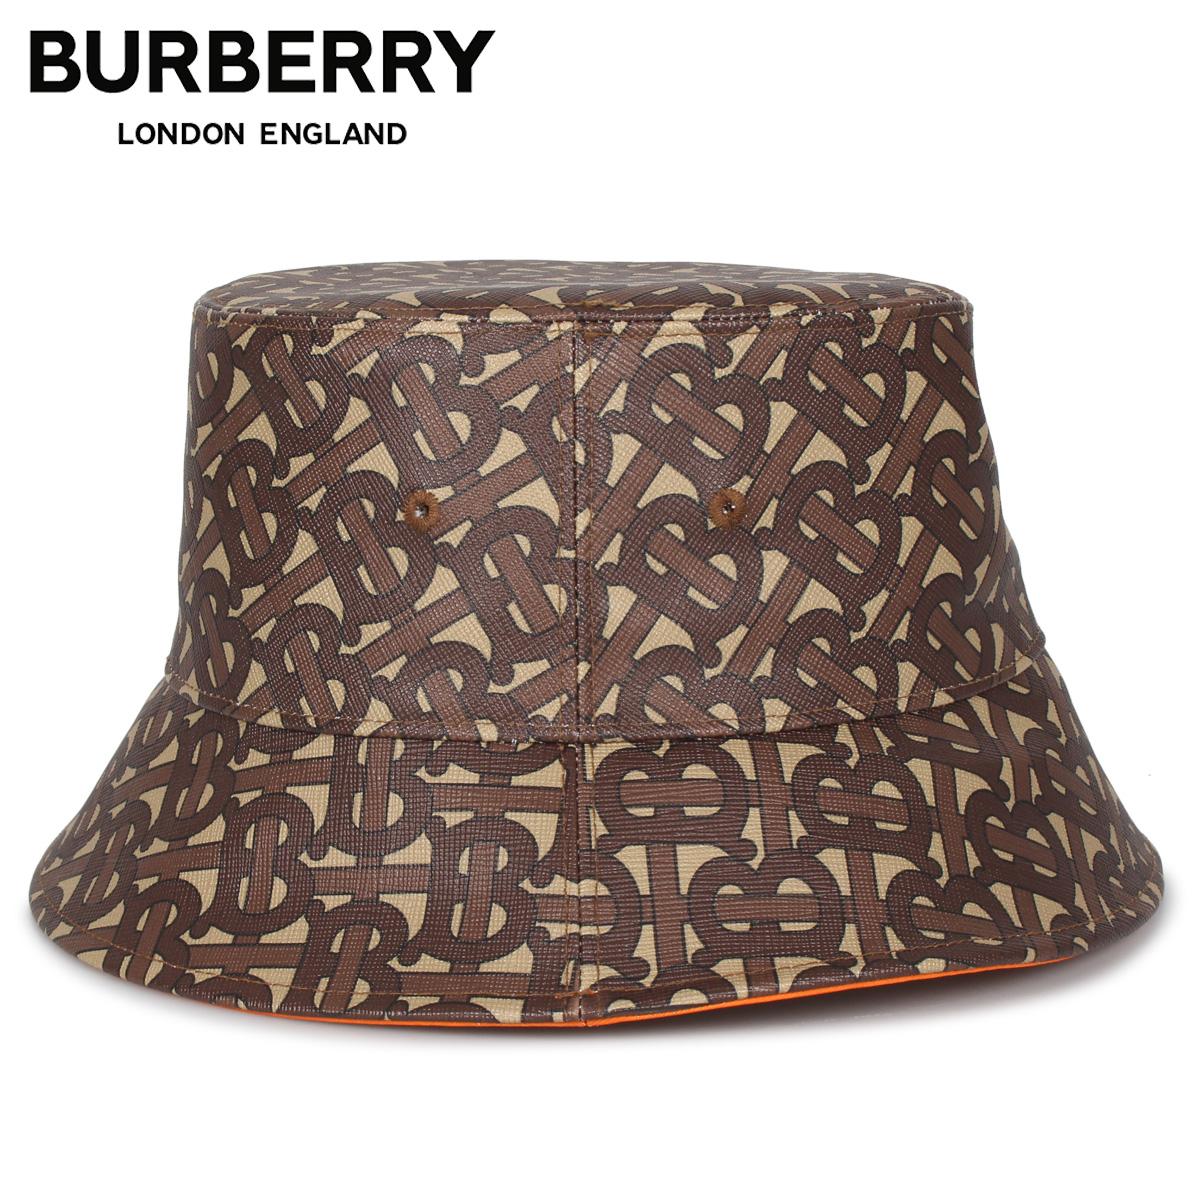 BURBERRY バーバリー ハット キャップ 帽子 バケットハット メンズ レディース BUCKET HAT ブラウン 8023808